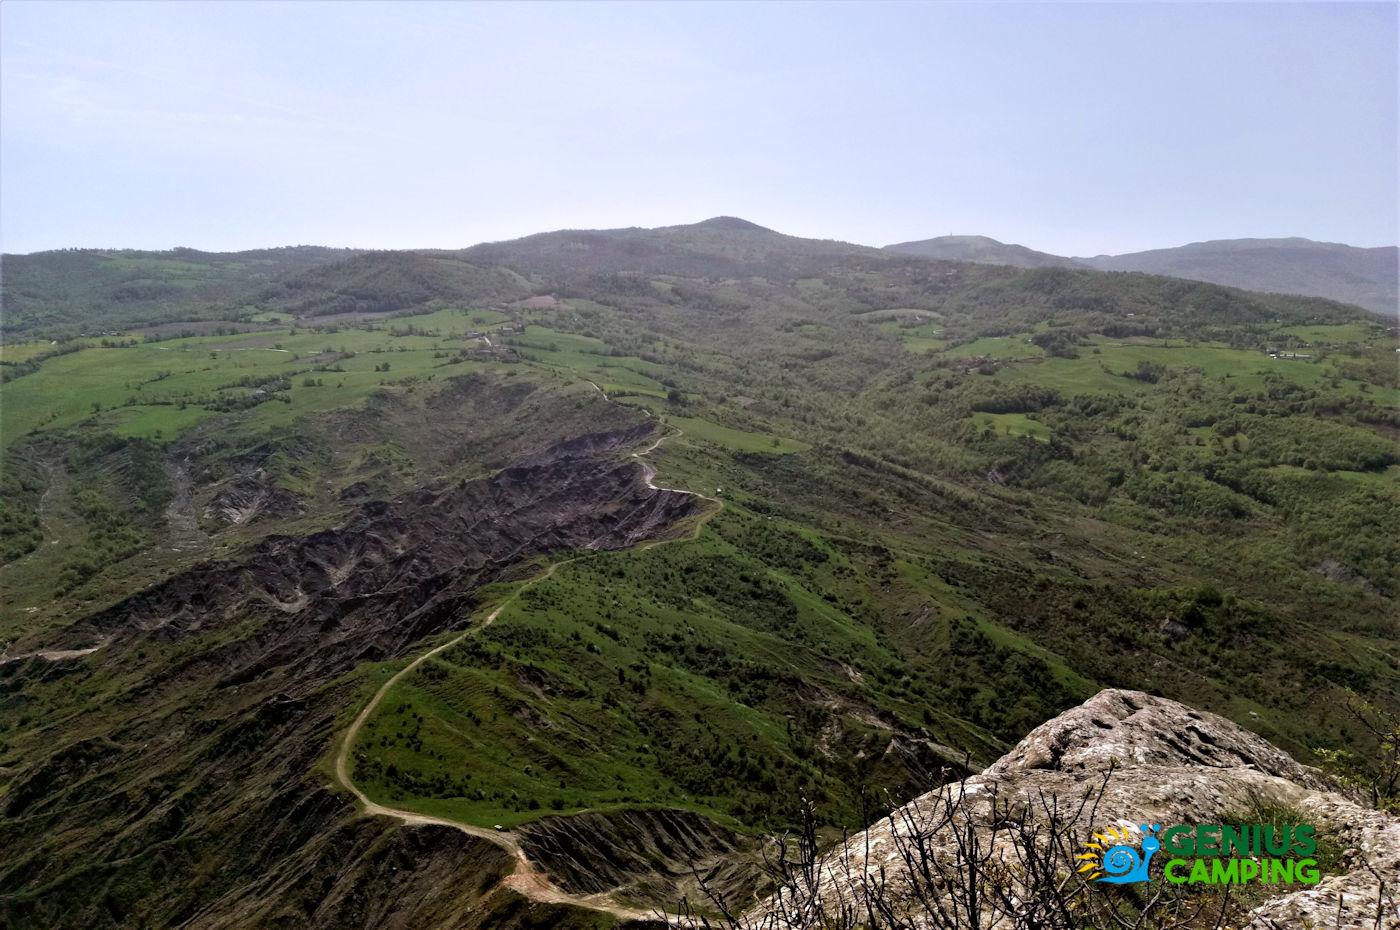 Valmarecchia e Montefeltro La rocca di Maioletto - Sentiero Maioletto 2